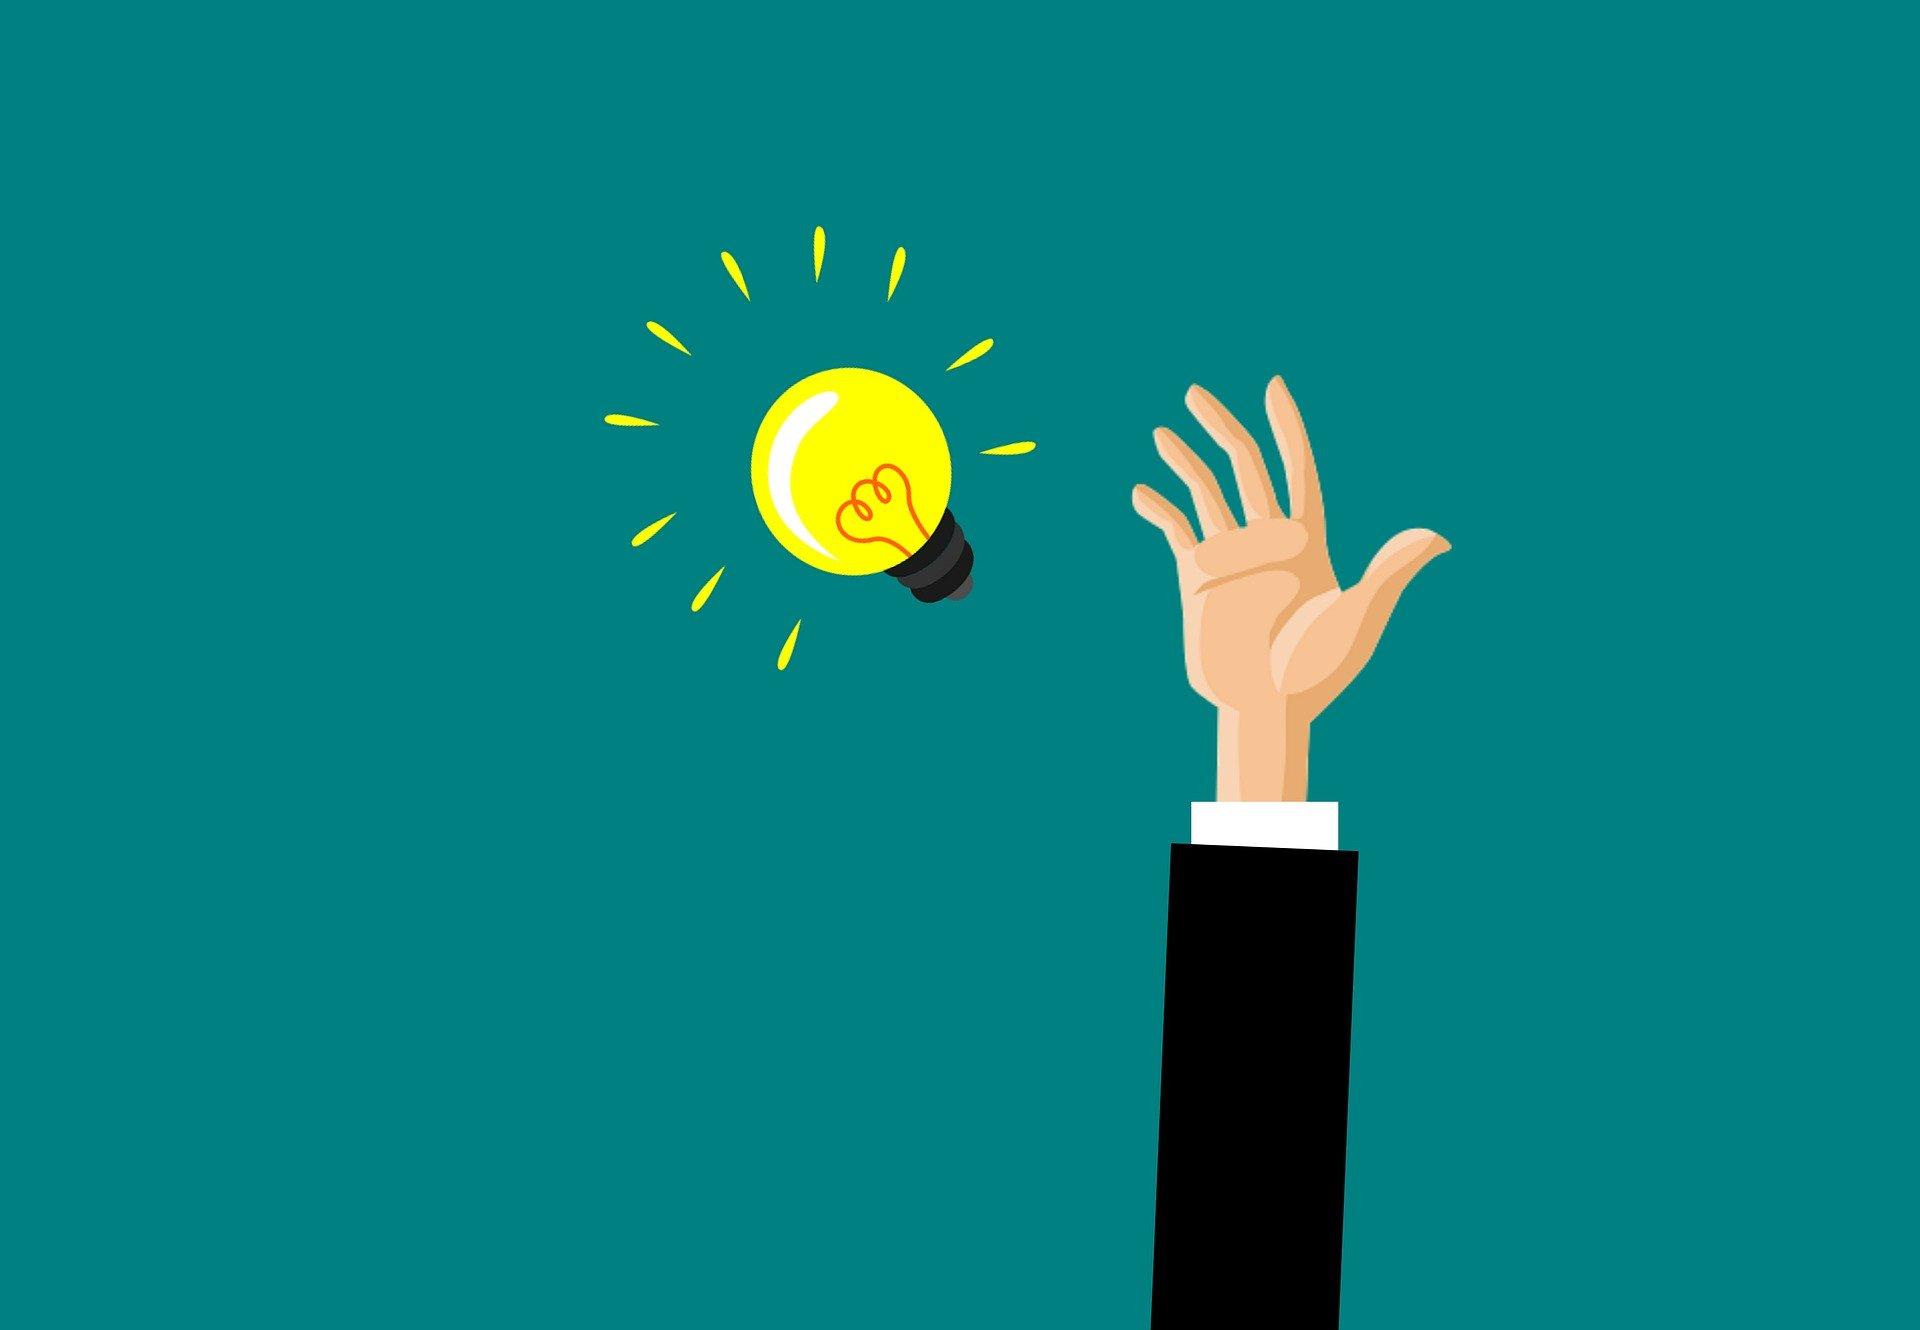 スタートアップ起業家は誰に何を相談するべきか